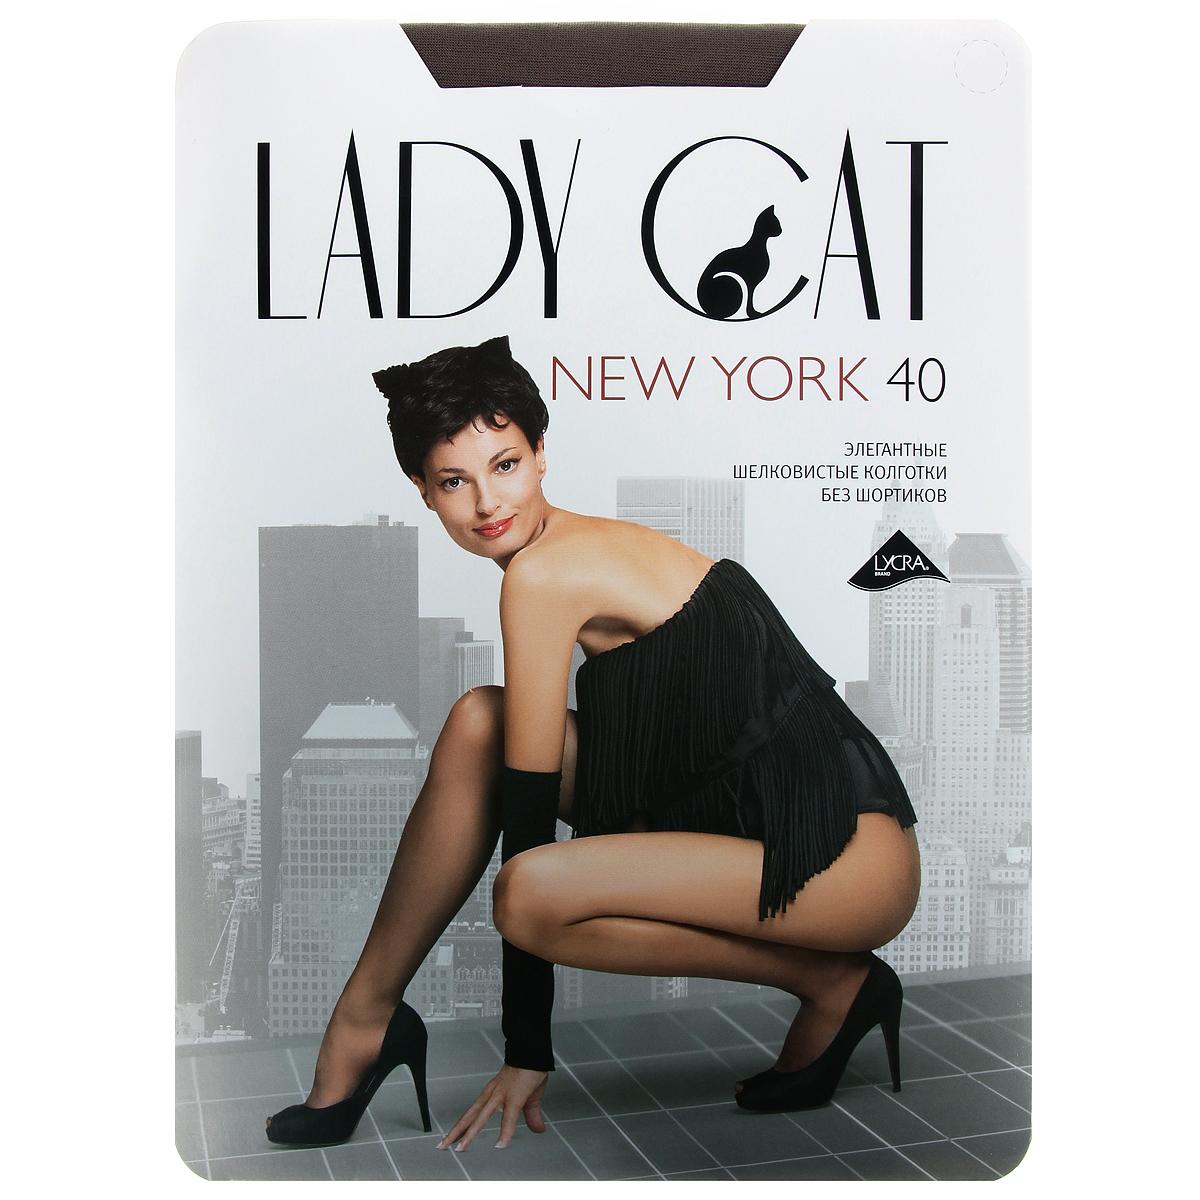 Колготки Грация Lady Cat New York 40, цвет: дымчатый. Размер 5 колготки грация lady cat new york 40 цвет телесный размер 6